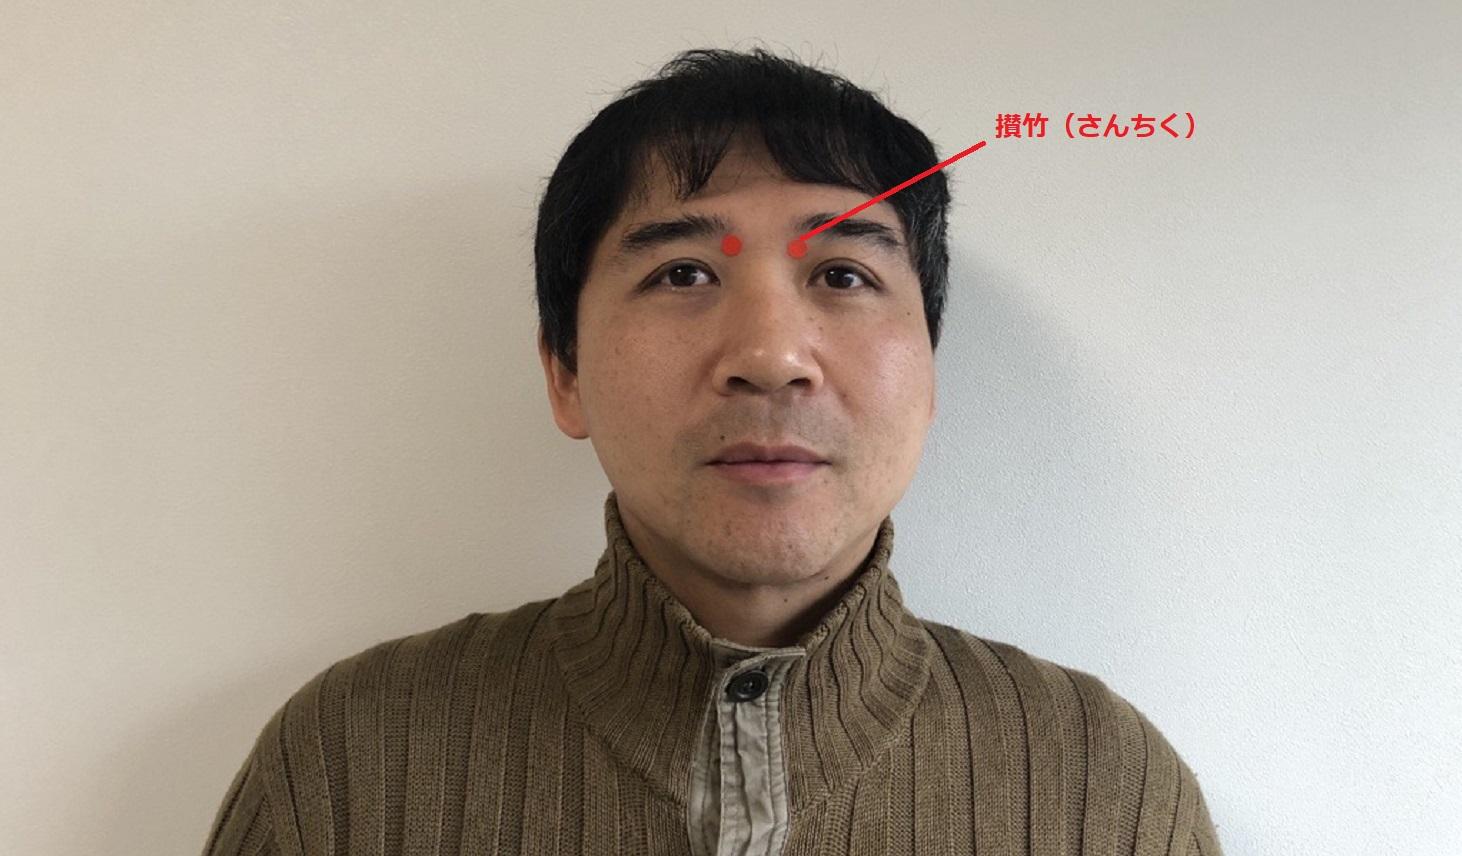 目の疲れに良いツボ 攅竹を示した画像